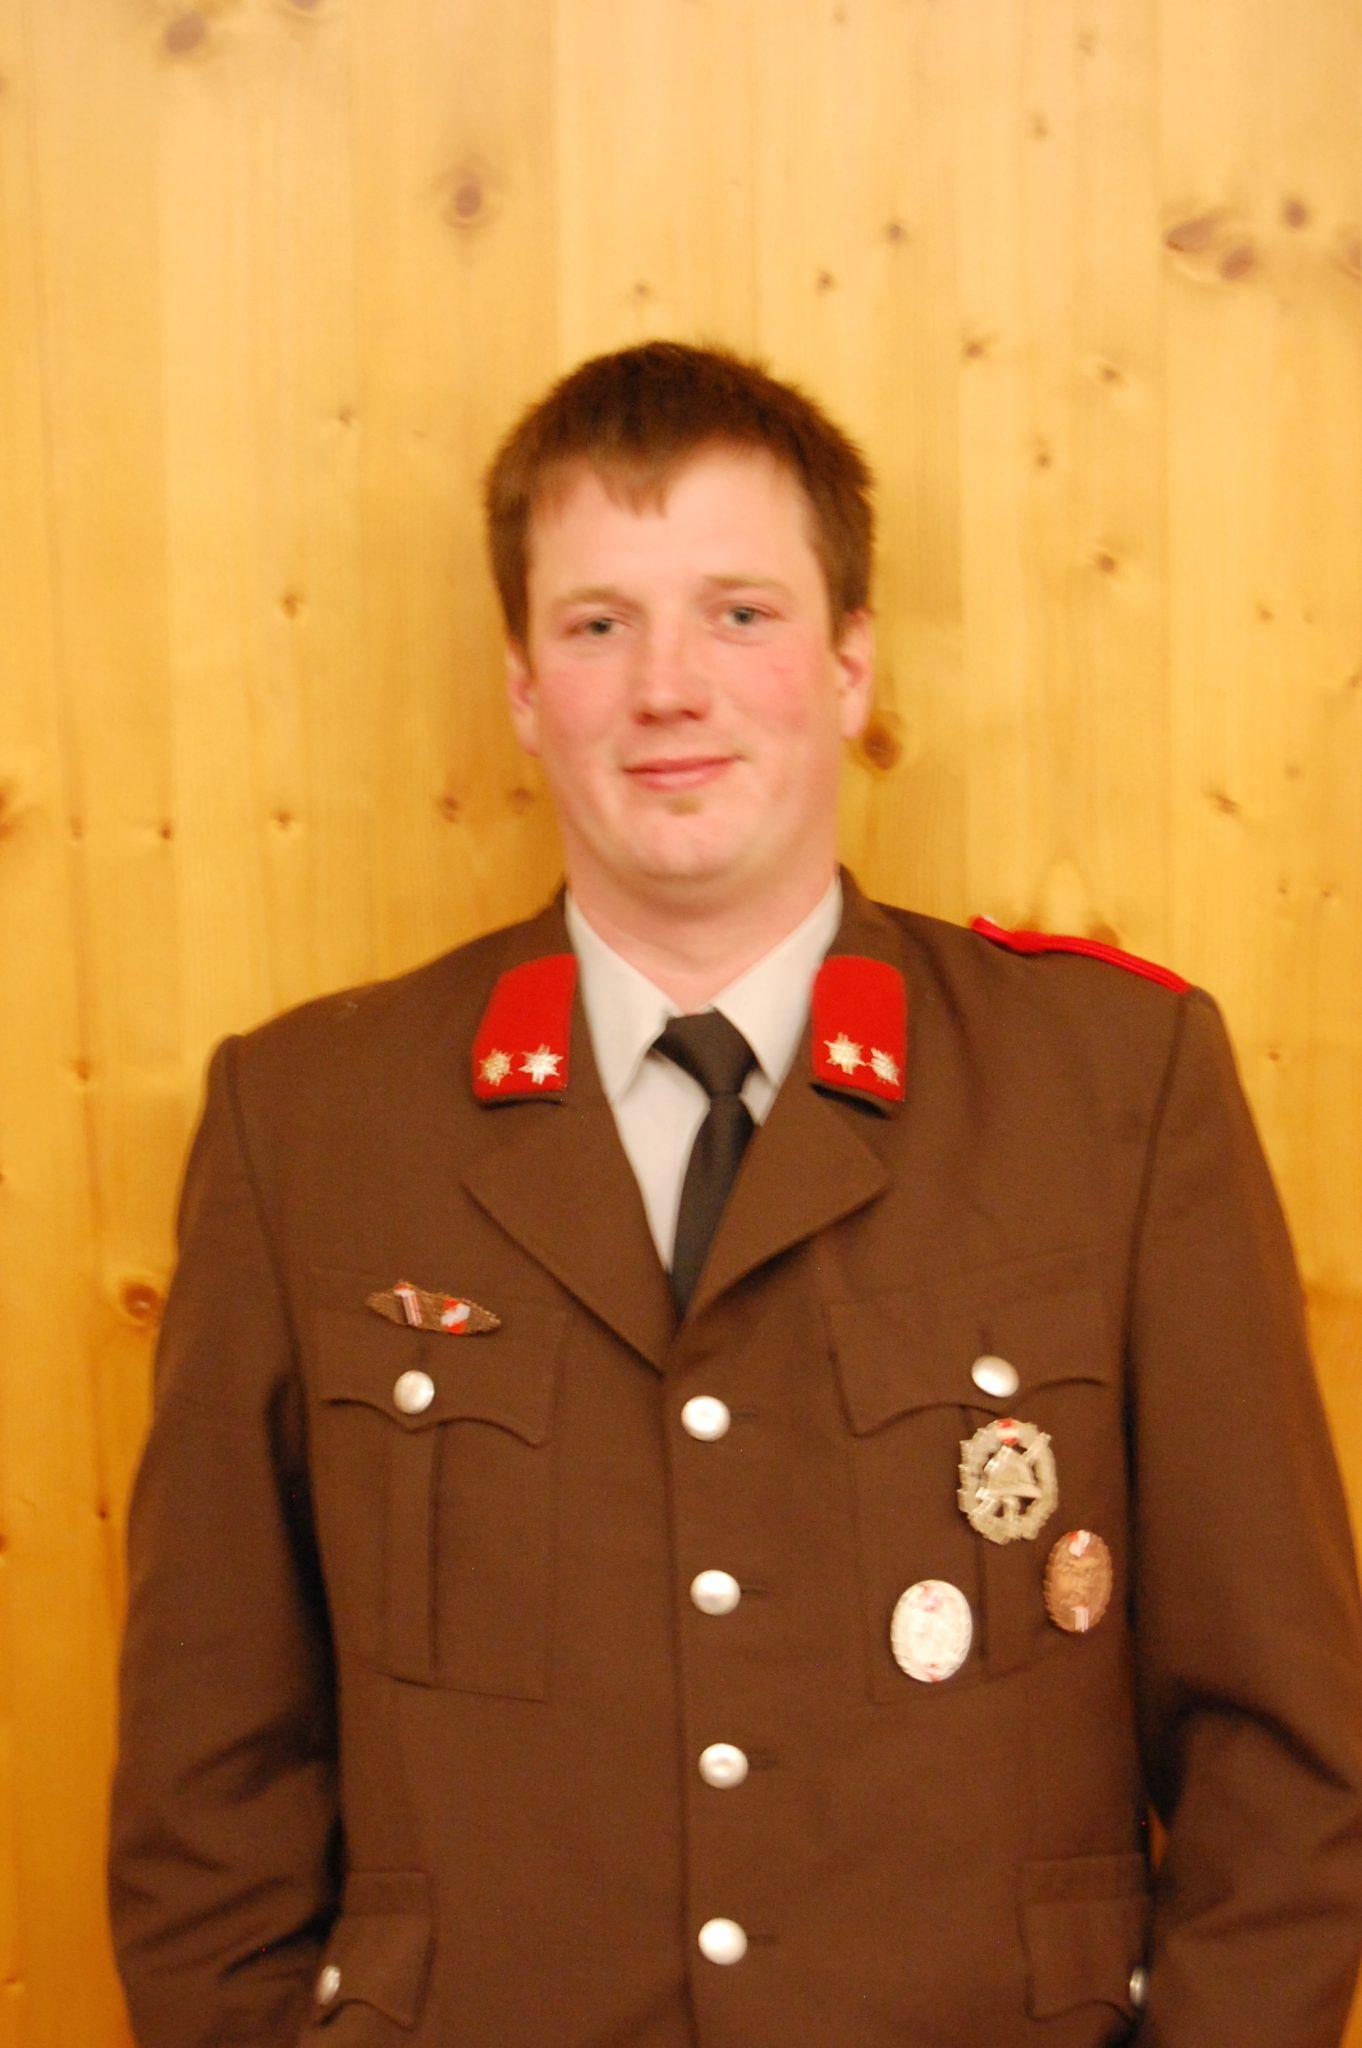 Profilbild von HBM Arnold Damianitsch